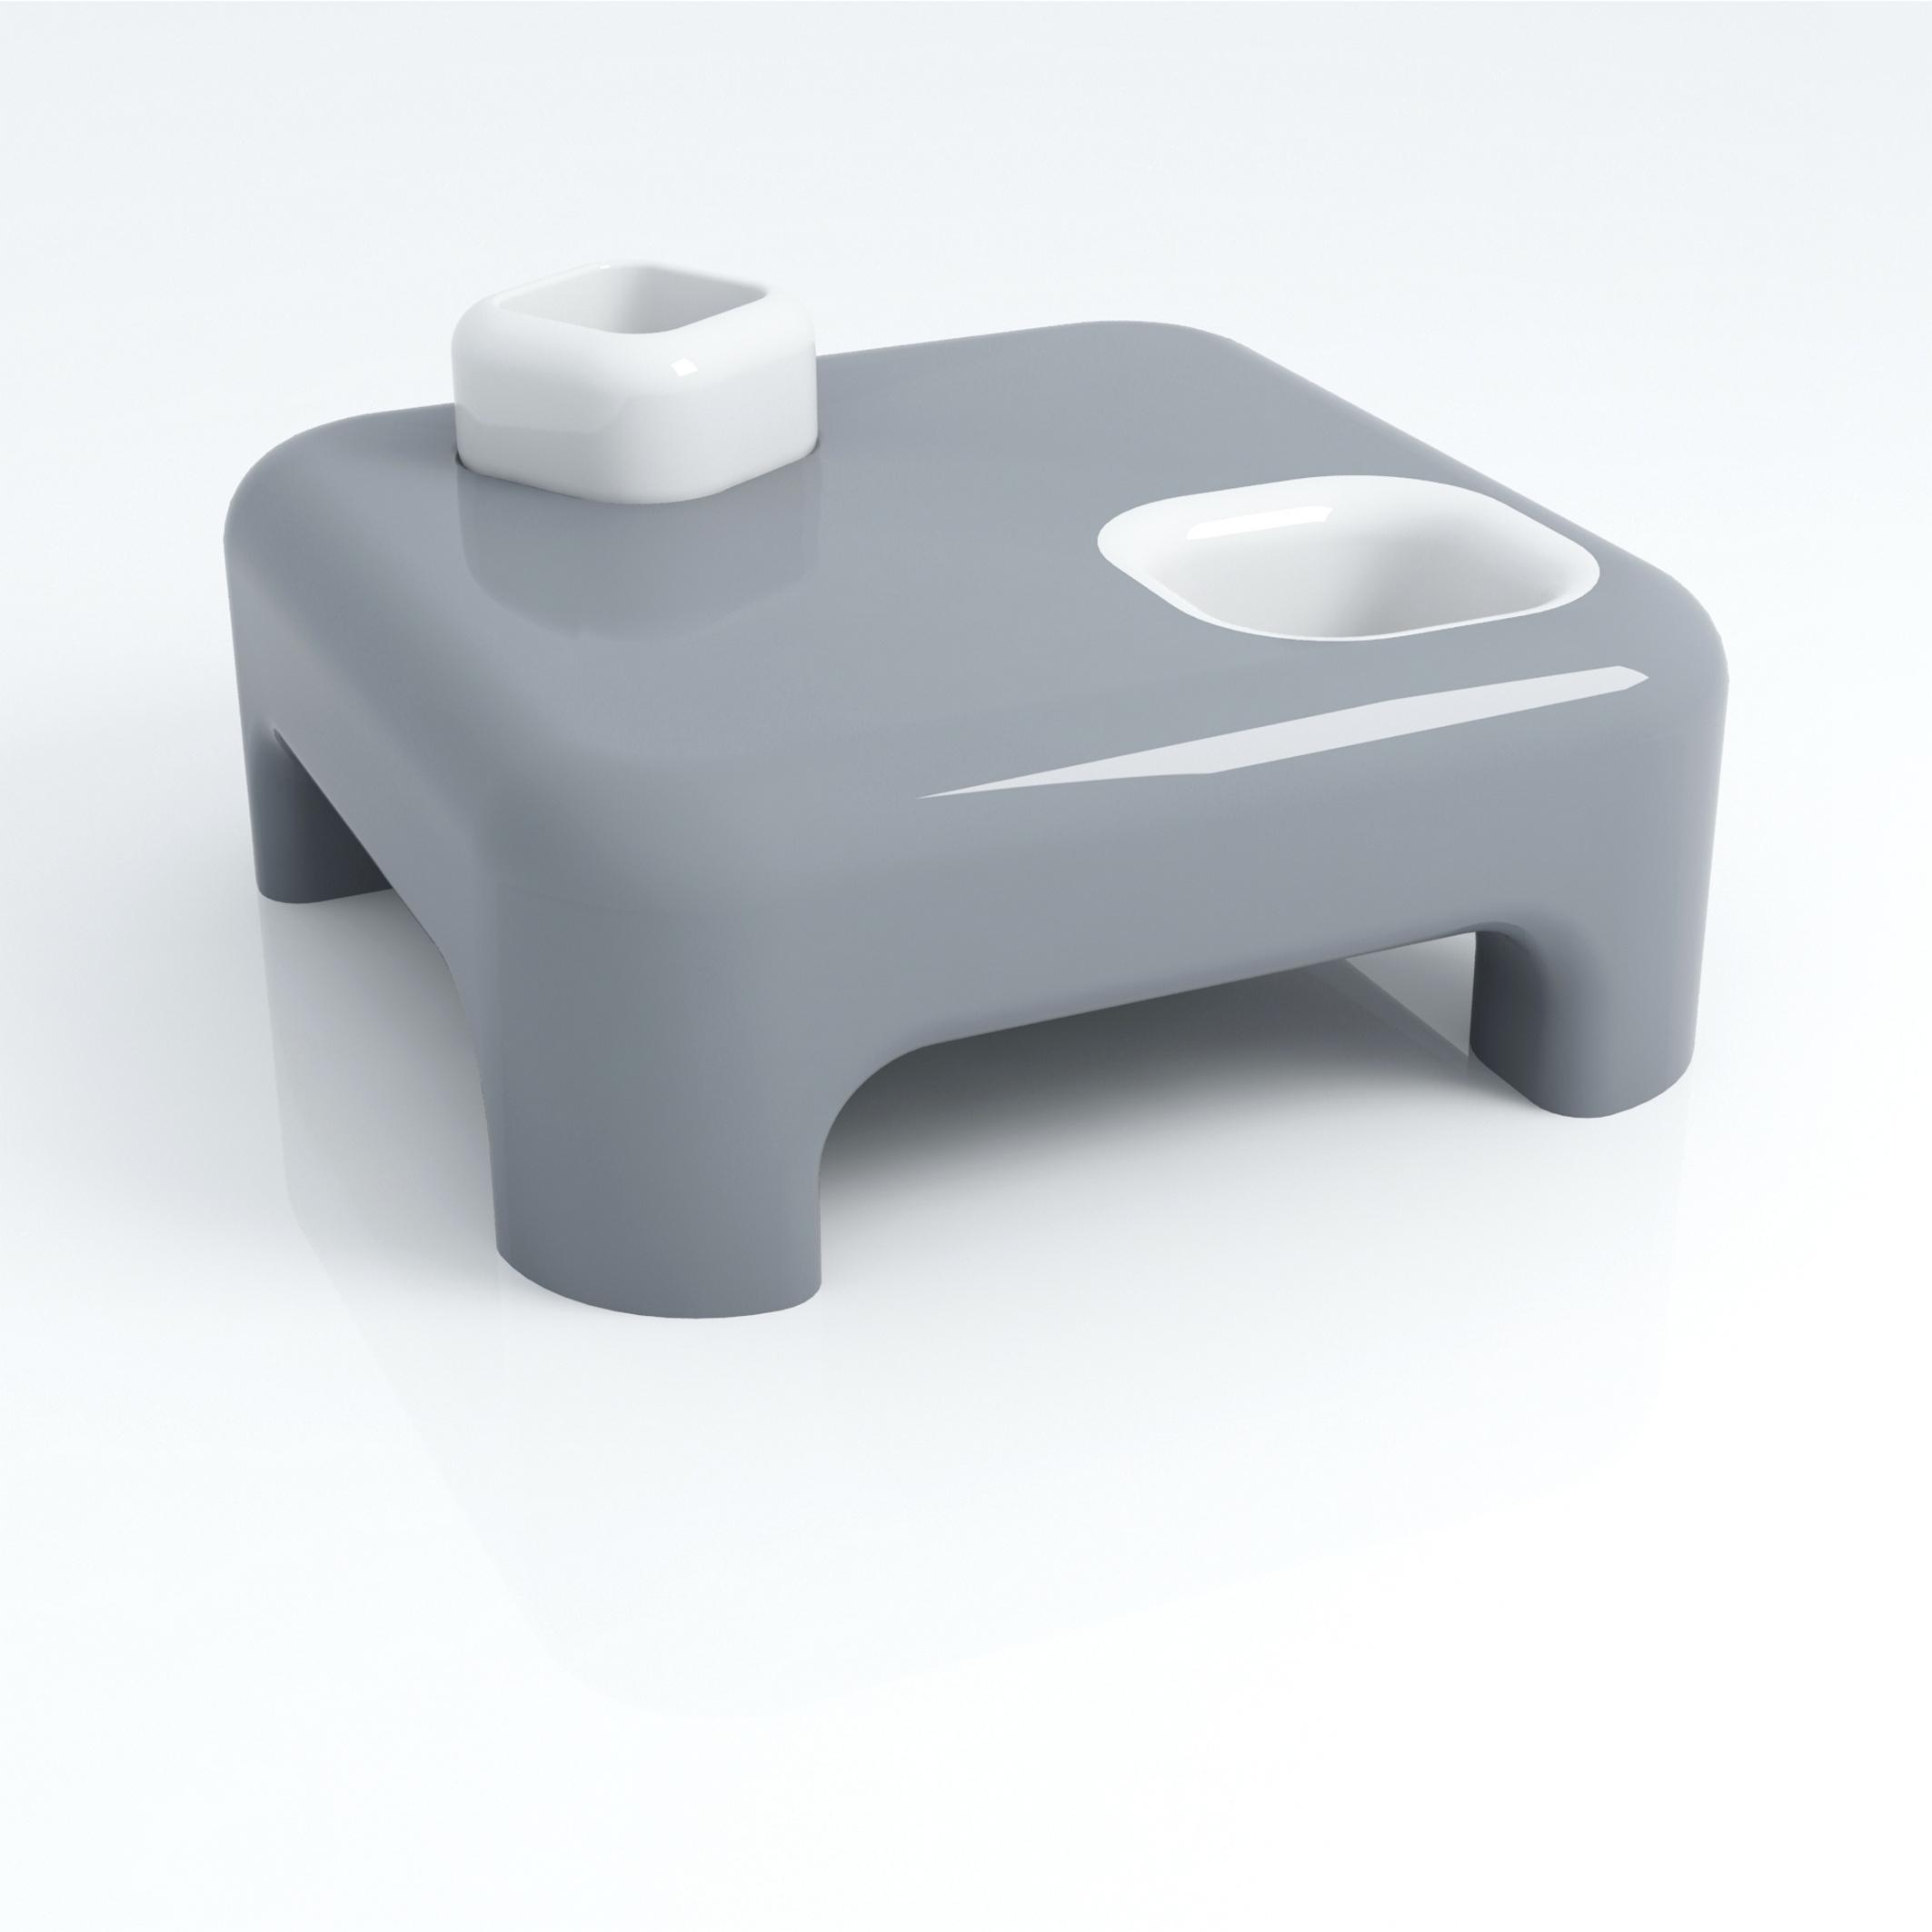 Tavolino Prometeo - Designer: Paolo D'ippolito per Zad Italy